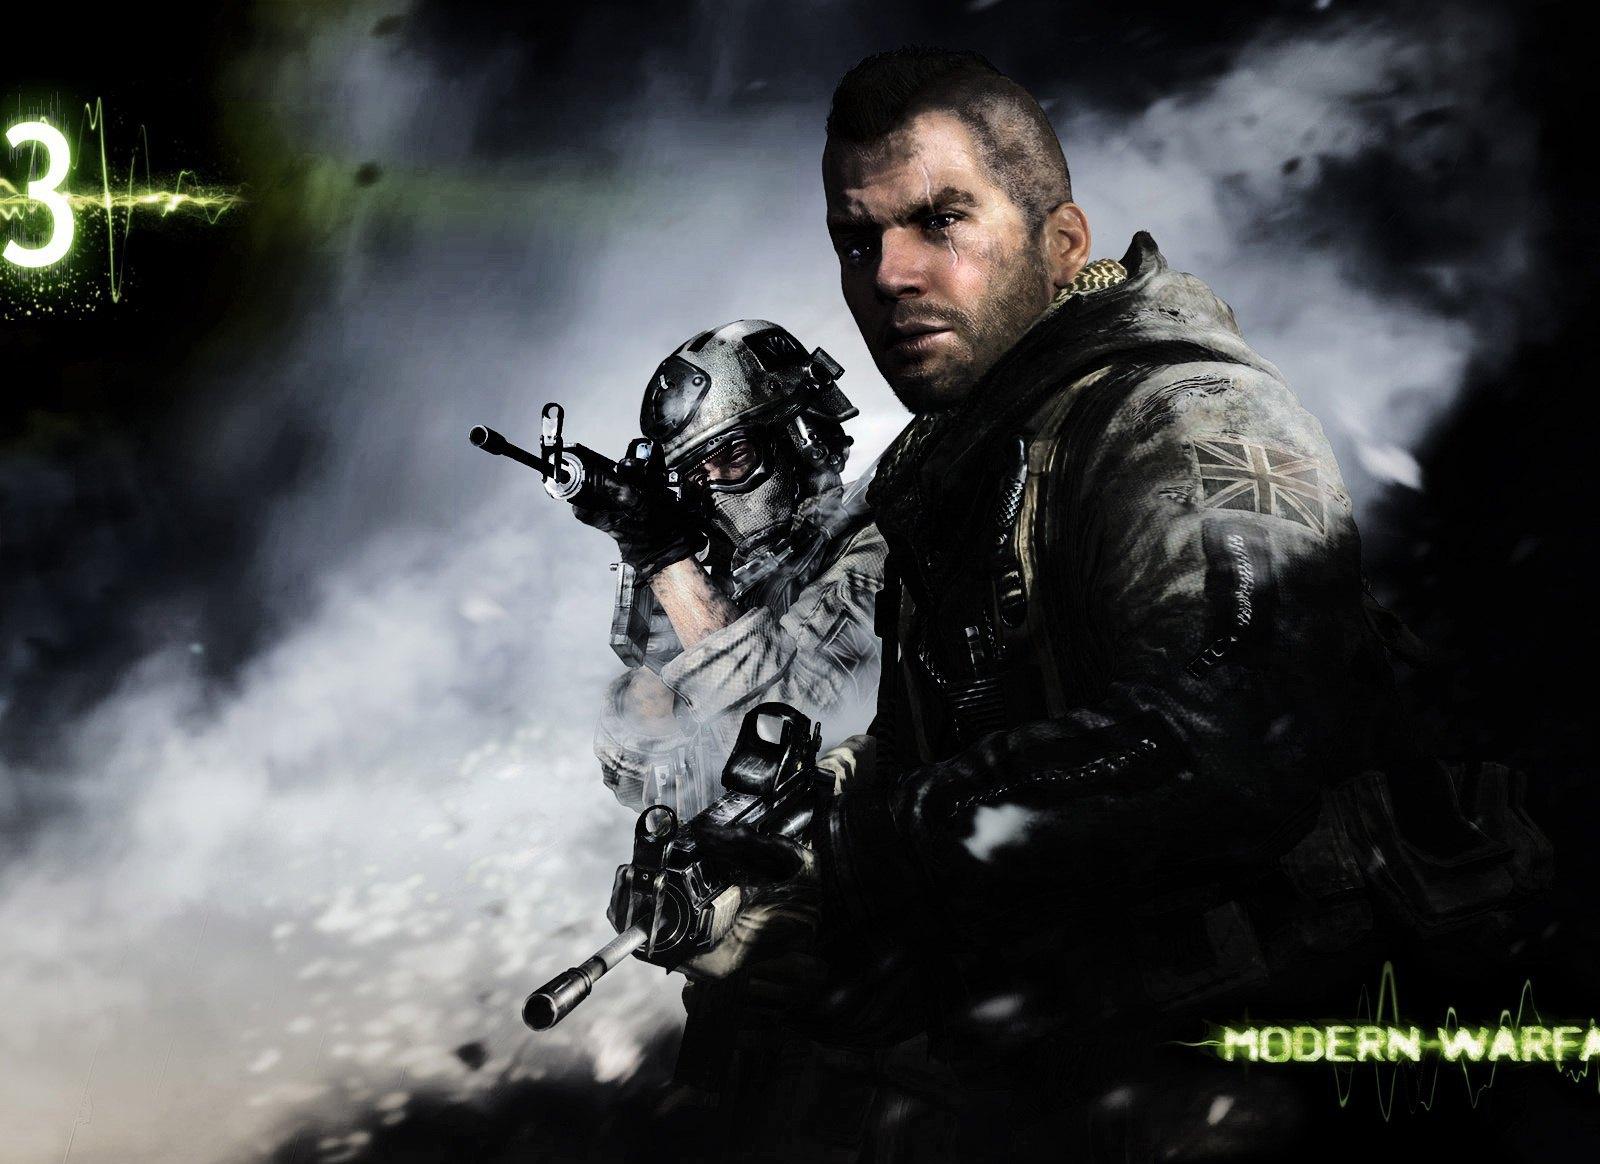 http://3.bp.blogspot.com/-wnLSbqjMipo/TnaP4NOyckI/AAAAAAAAAW8/-vfsnaxqVGM/s1600/Modern+Warfare+3+-+UniqueWalls.Blogspot.Com.jpg